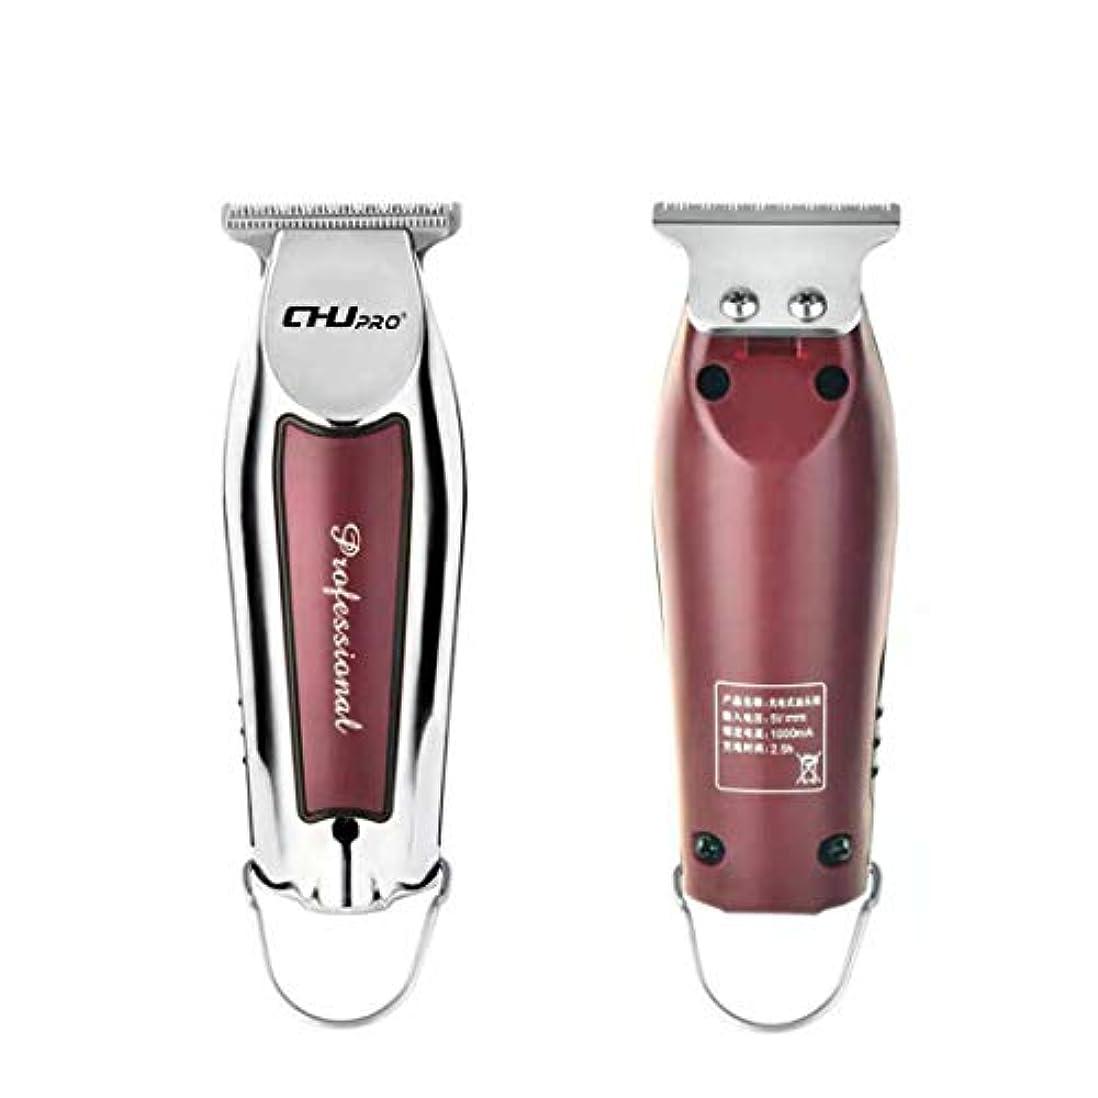 経由で圧縮勝利したMIOIM 電動シェーバー 深剃り 電動バリカン USB充電 ヘアカッター コードレス 刈り高さ調節可能 メンズ バリカンこども用 持ち運び 家庭用 業務用